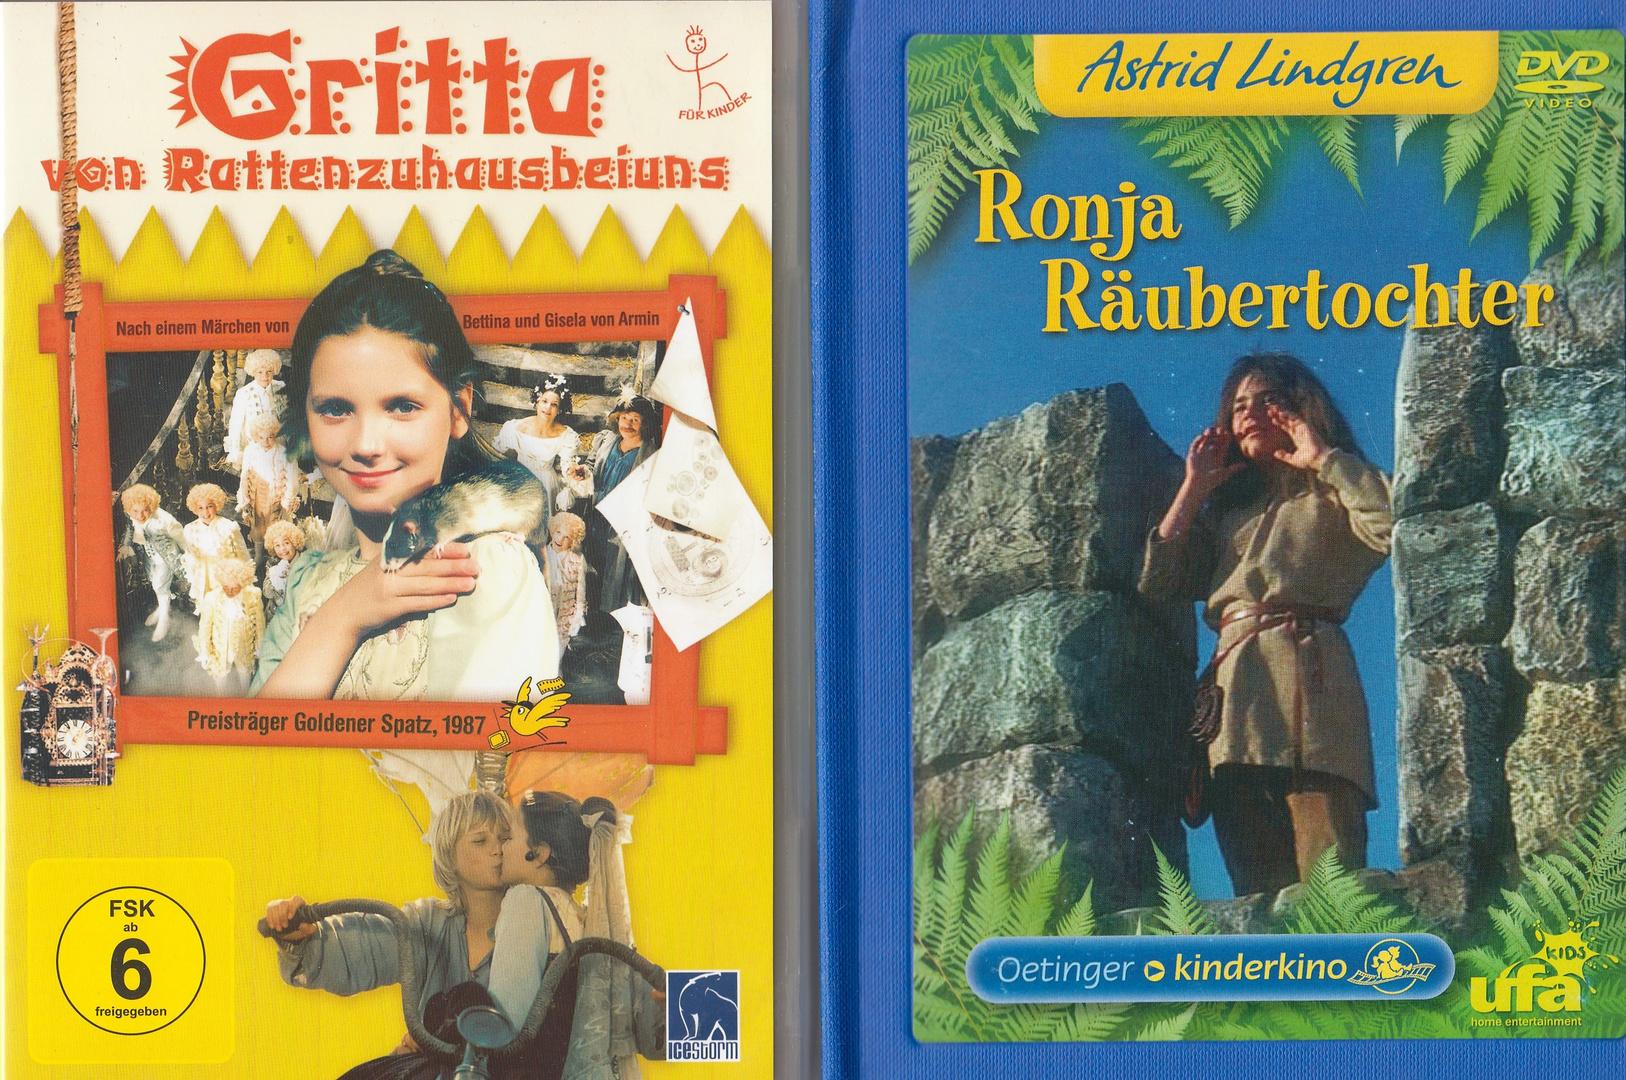 Gritta von Rattenzuhausbeiuns und Ronja ..